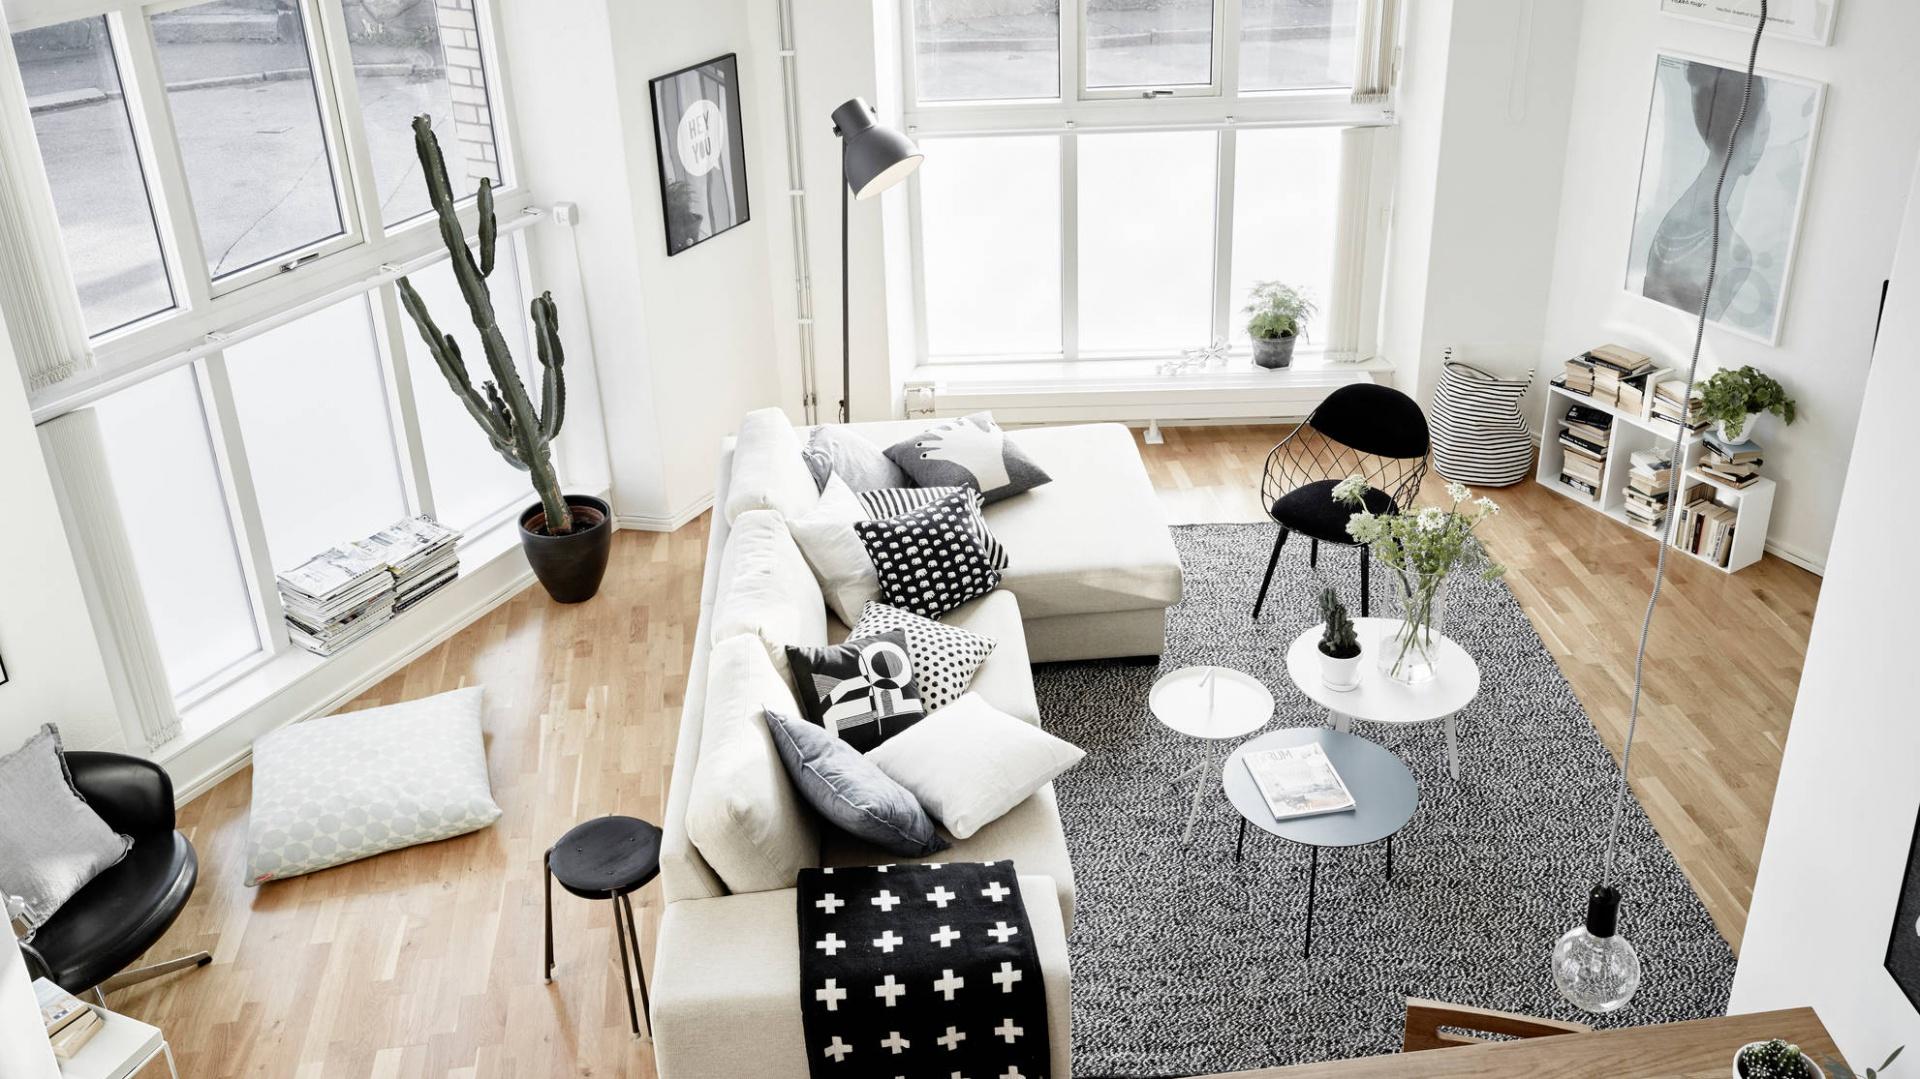 Wysoki sufit w salonie sięga na wysokość 4,5 metra, potęgując wrażenie przestrzenności pomieszczenia. Pomiędzy nim, a salonem umieszczono niewielką antresolę. Fot. Stadshem.